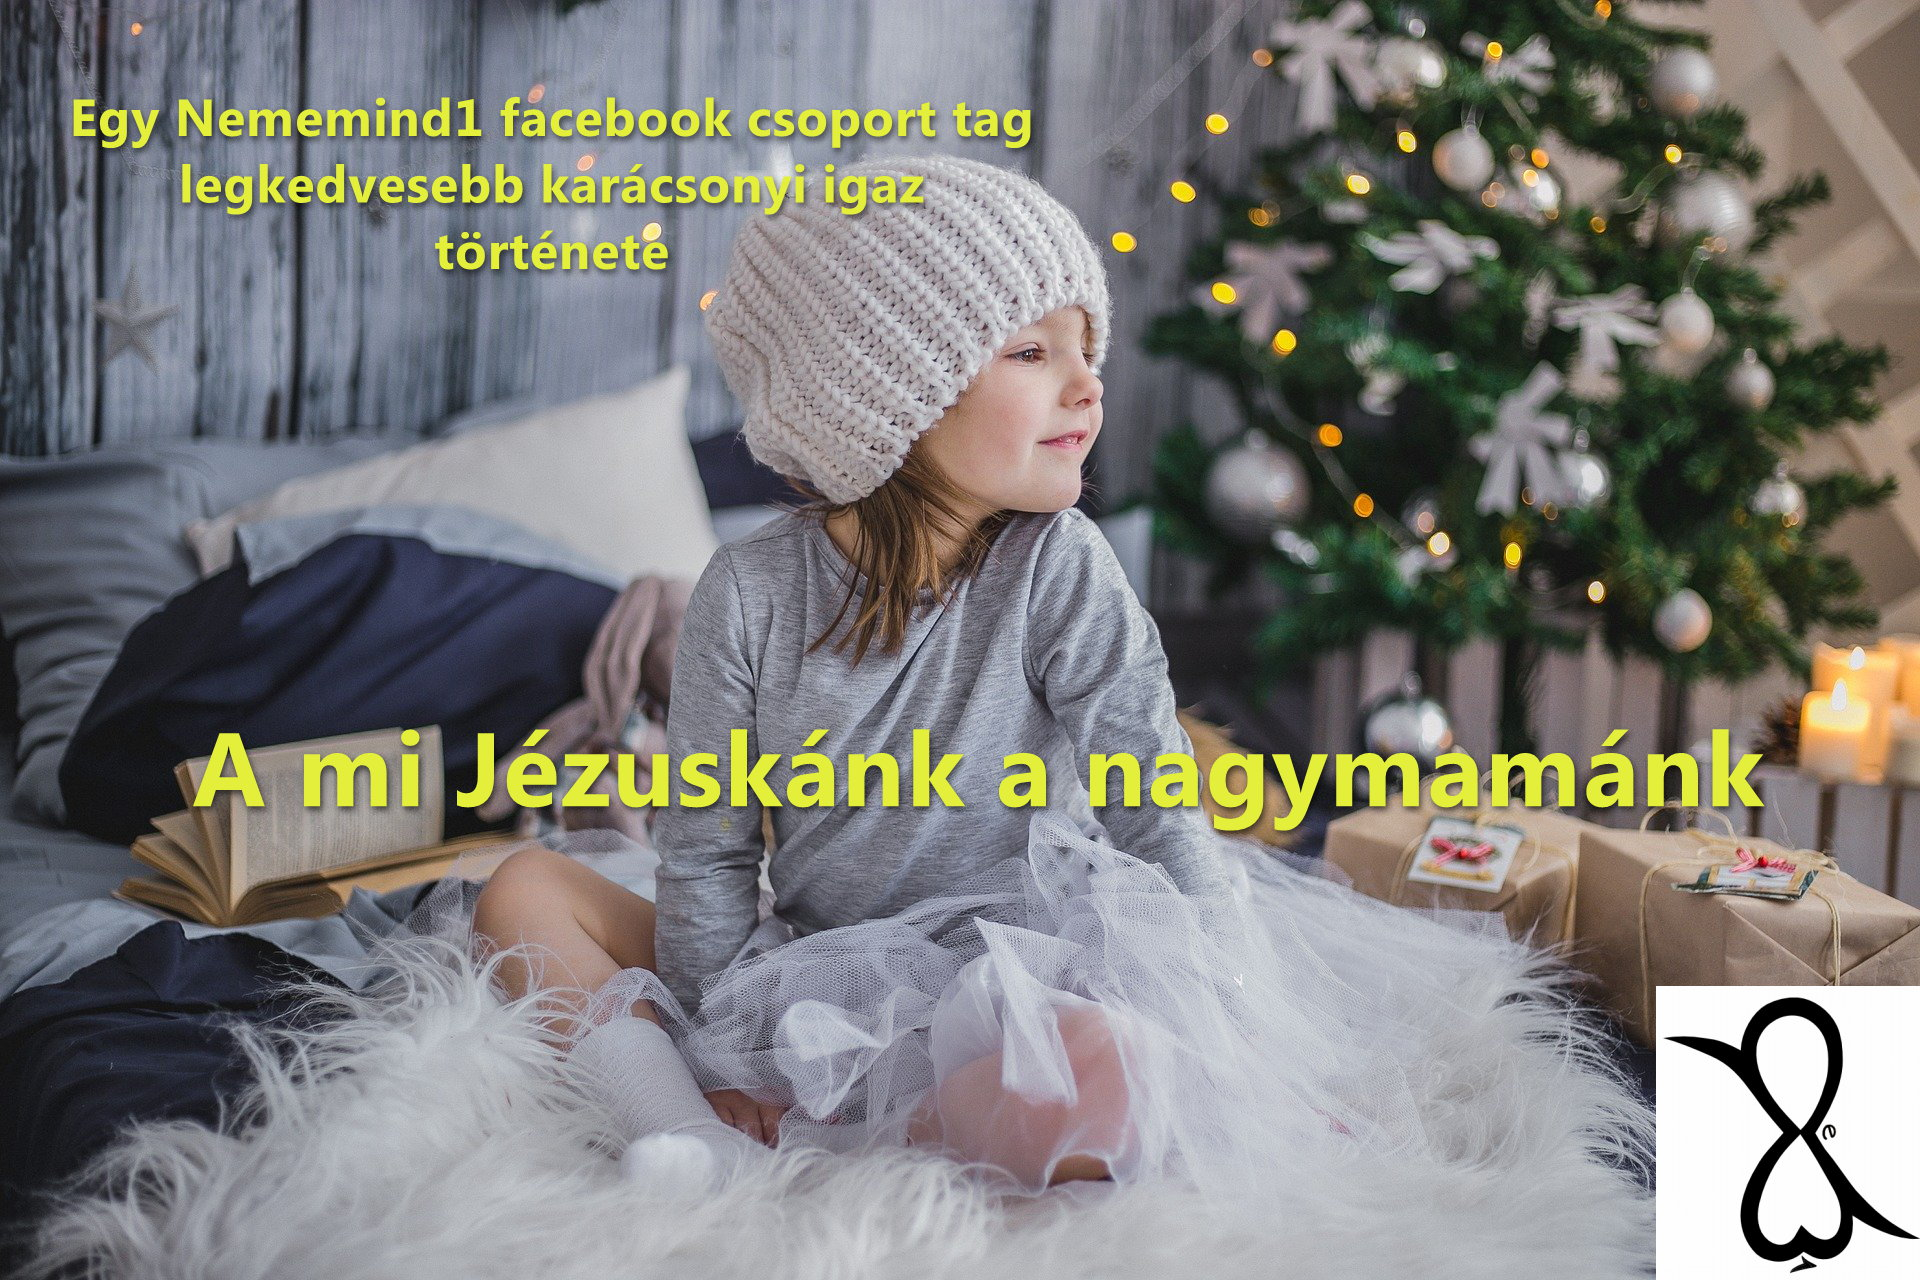 A mi Jézuskánk a nagymamánk (Egy Nememind1 facebook csoport tag legkedvesebb karácsonyi igaz története)